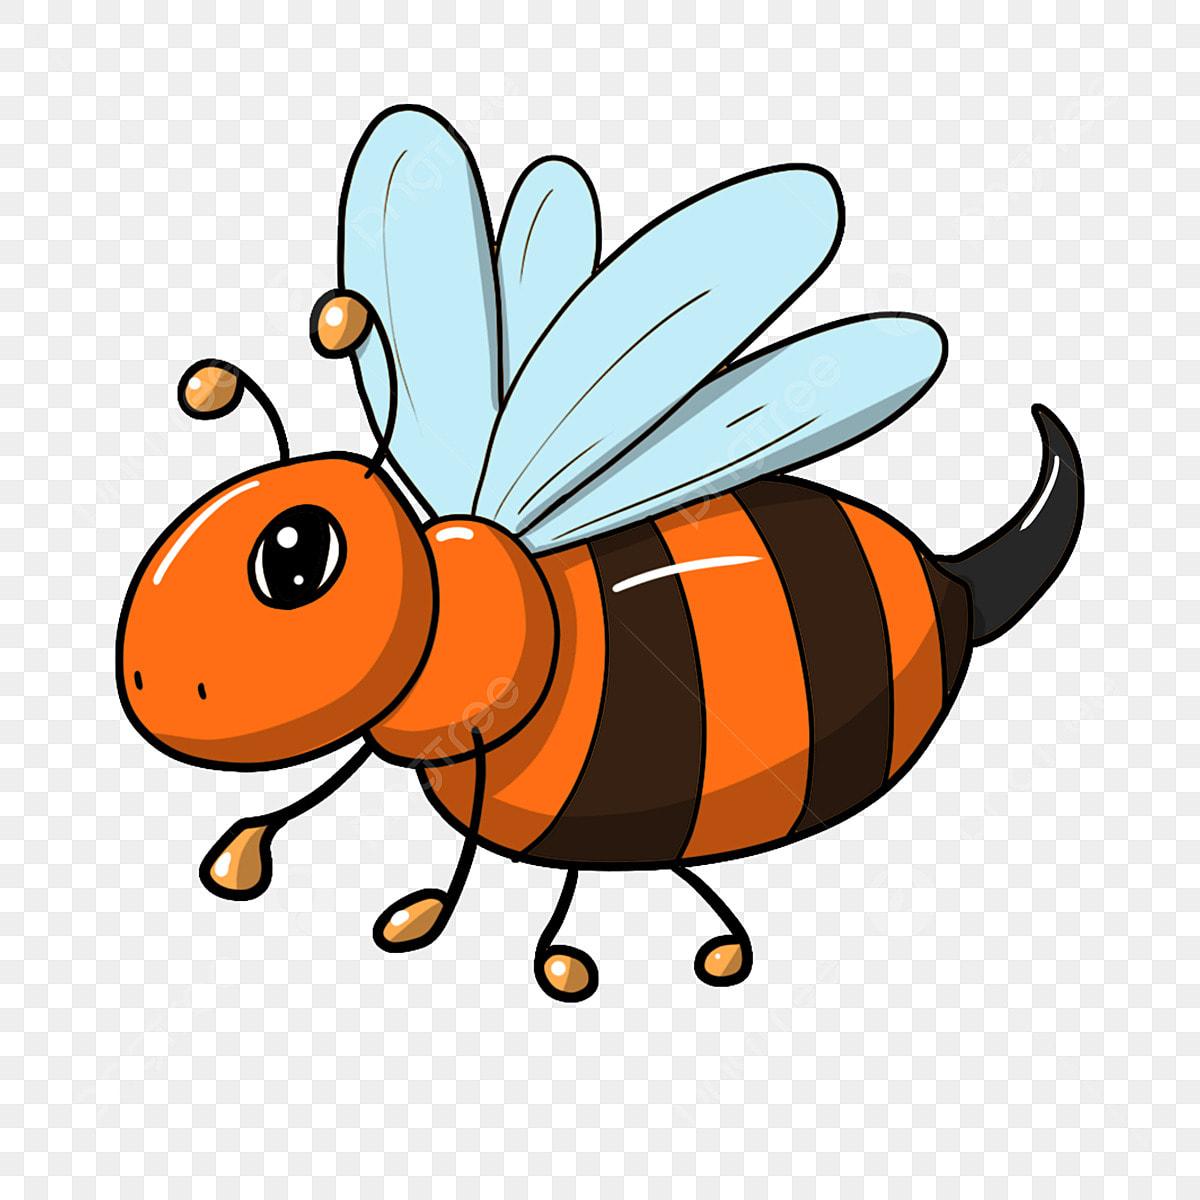 28 Bienen Bilder Kostenlos - Besten Bilder von ausmalbilder